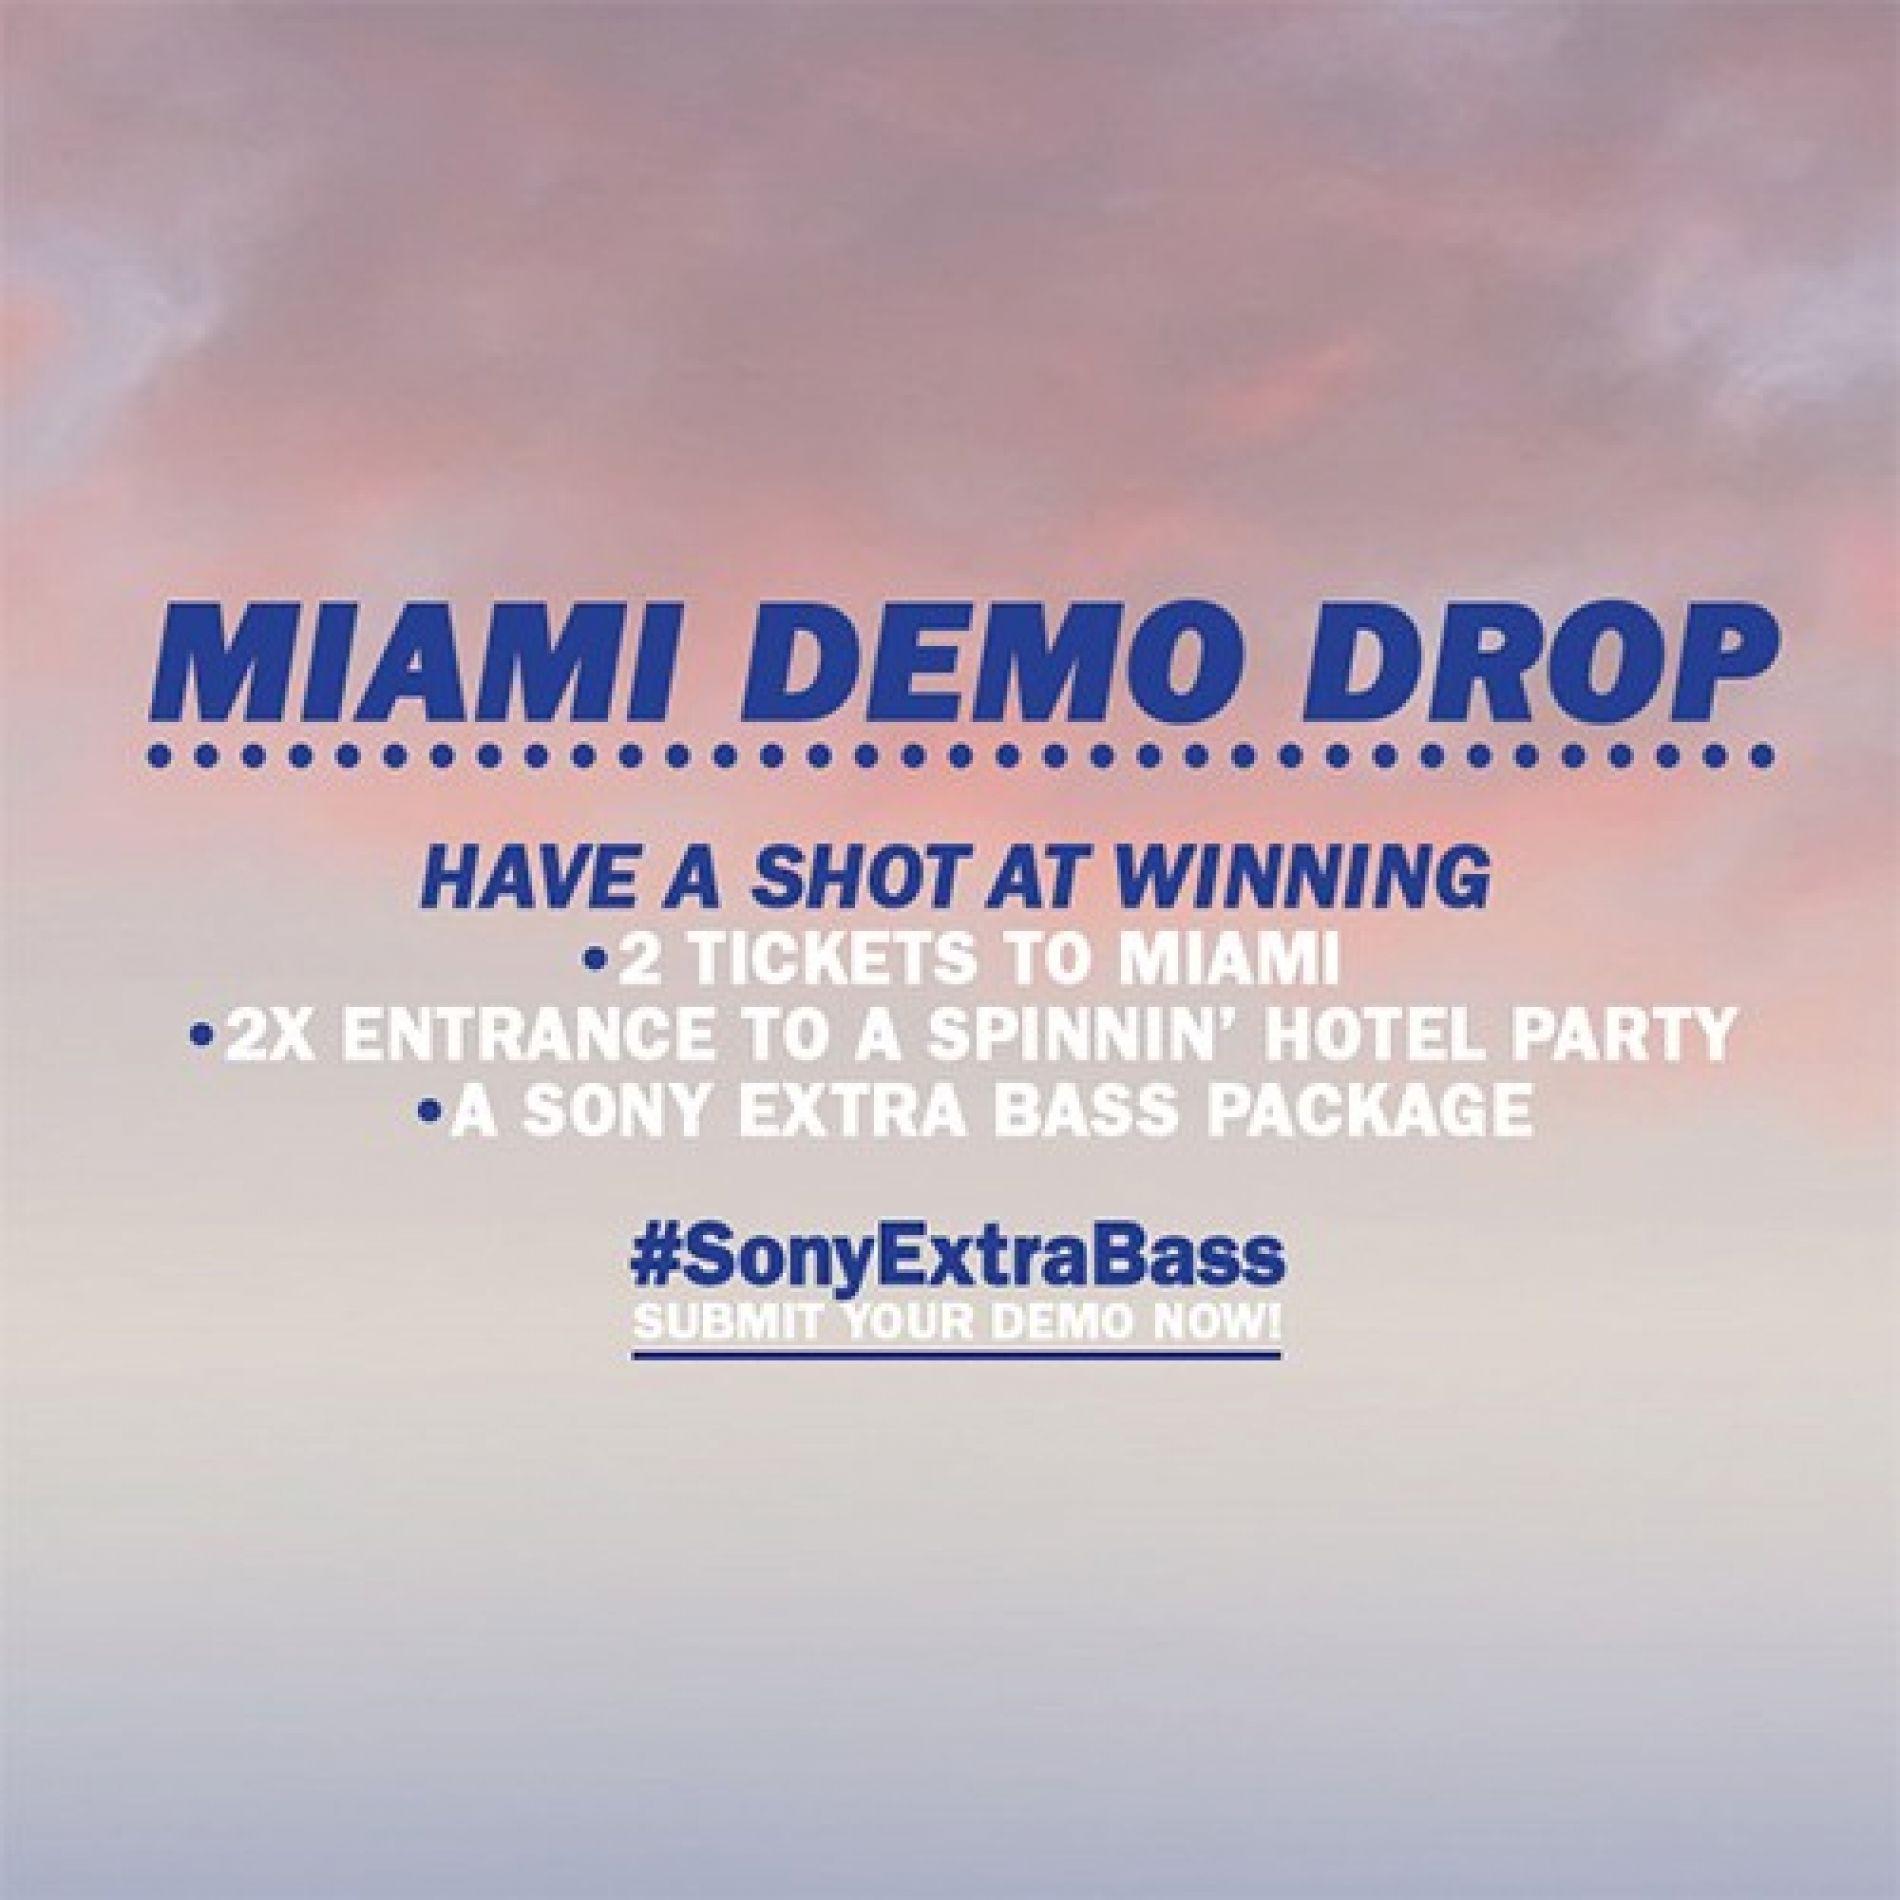 Miami Demo Drop